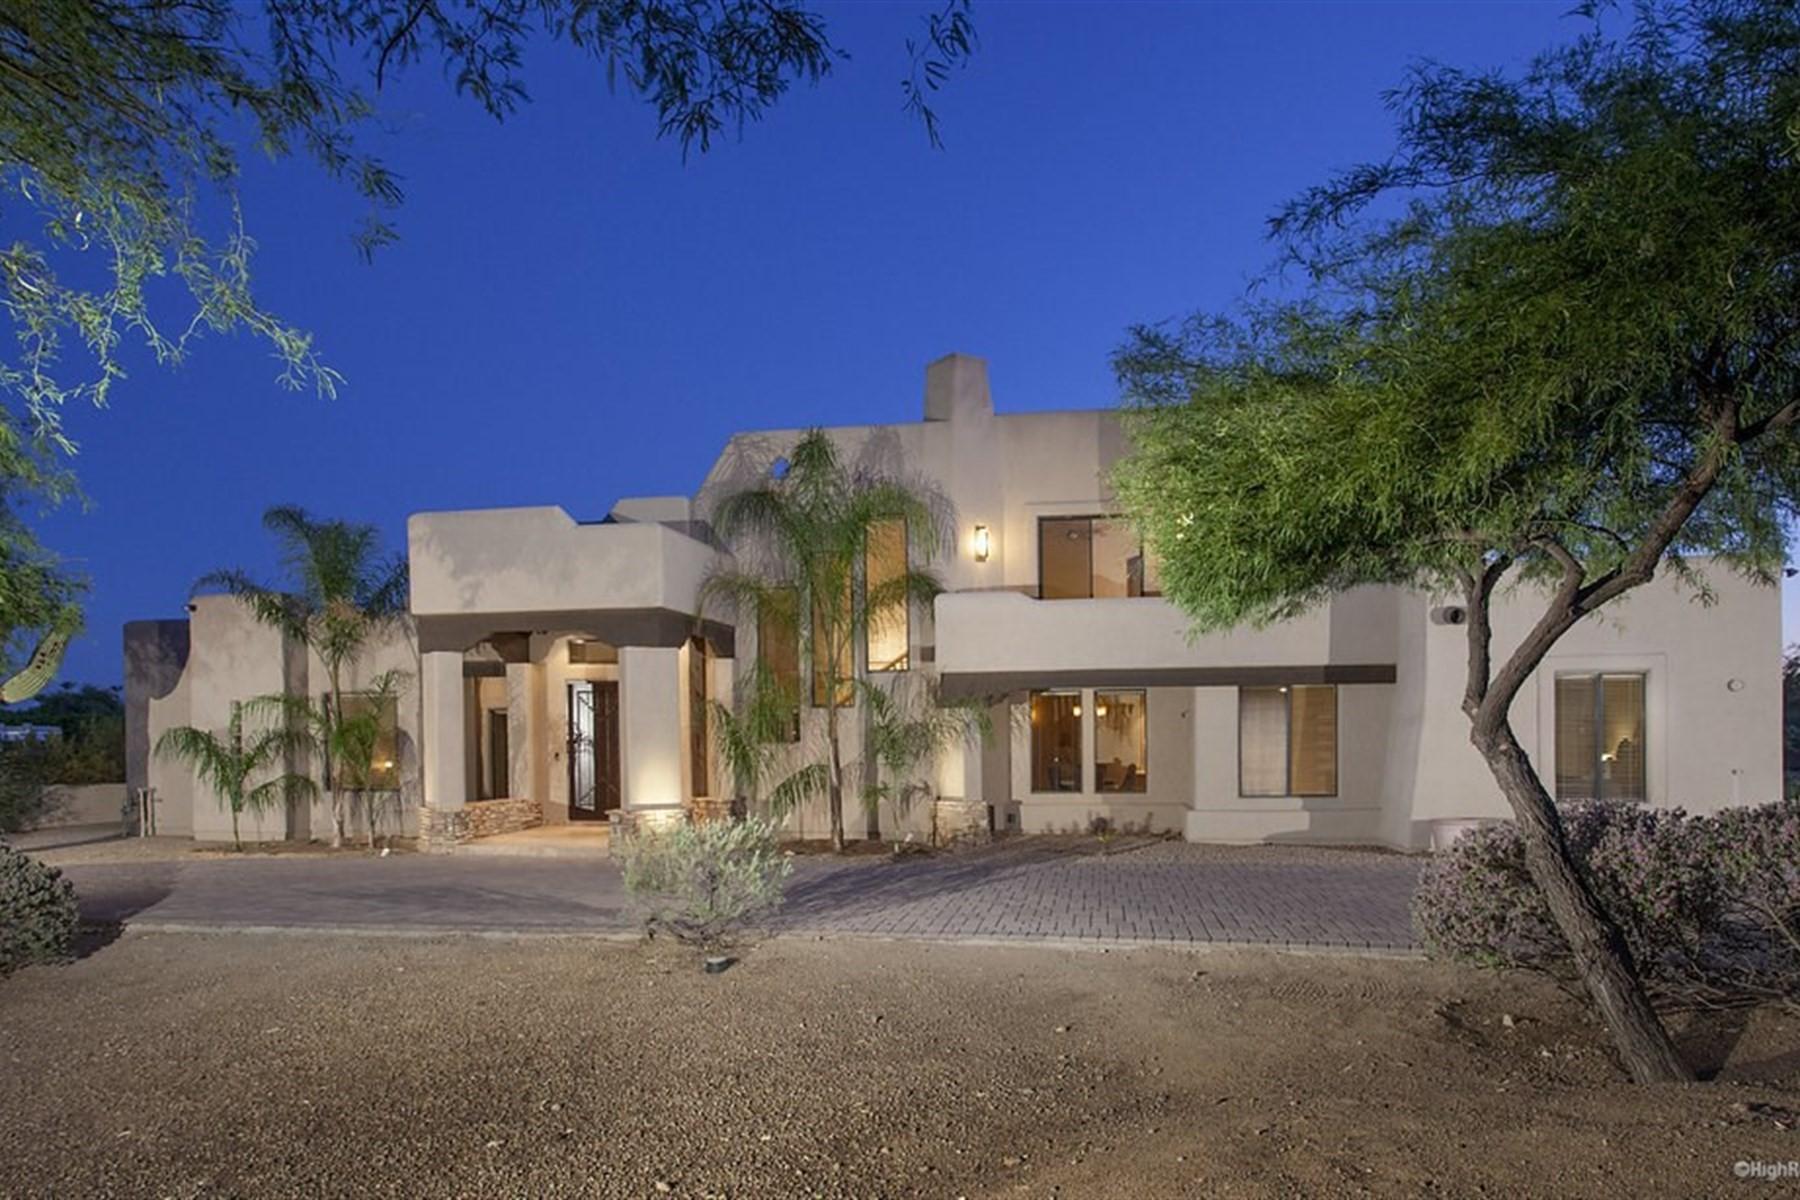 一戸建て のために 売買 アット Charming custom home in Shea Corridor 9880 N 110th Street Scottsdale, アリゾナ, 85259 アメリカ合衆国